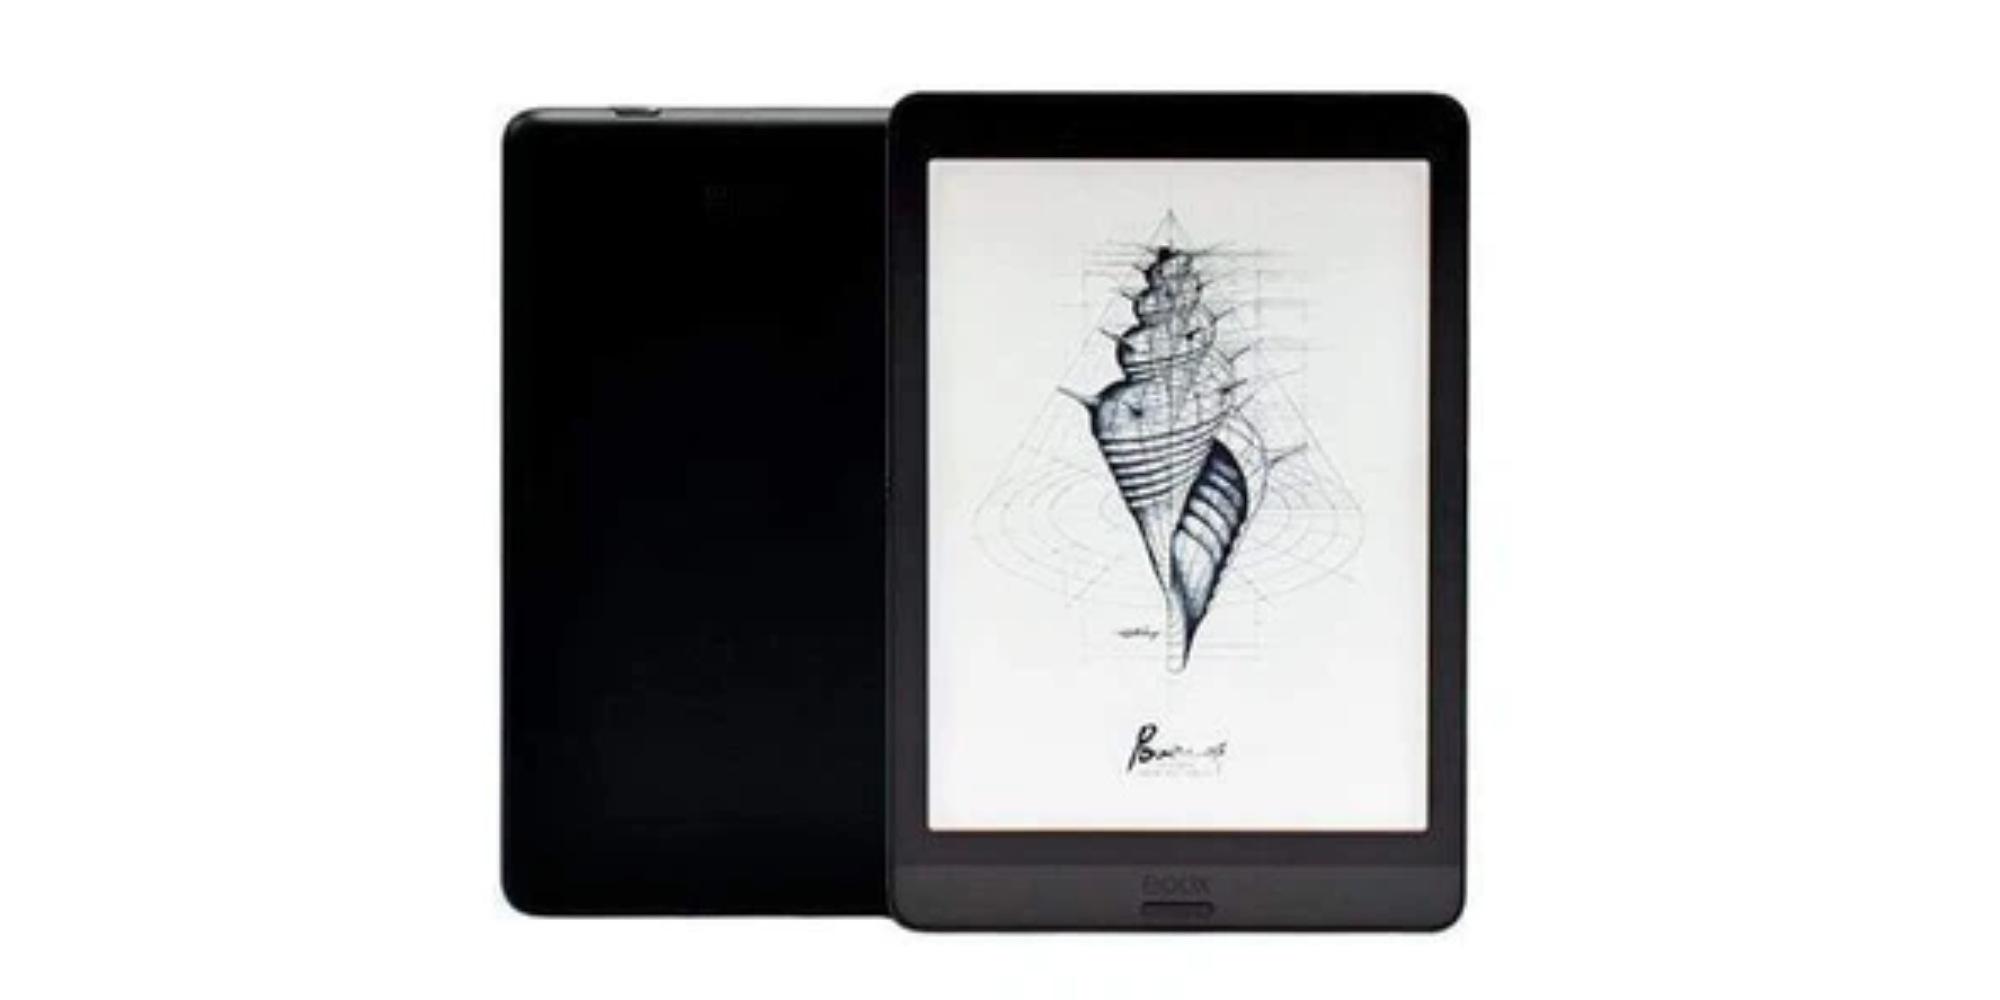 ONYX - BOOX NOVA 3 tablet